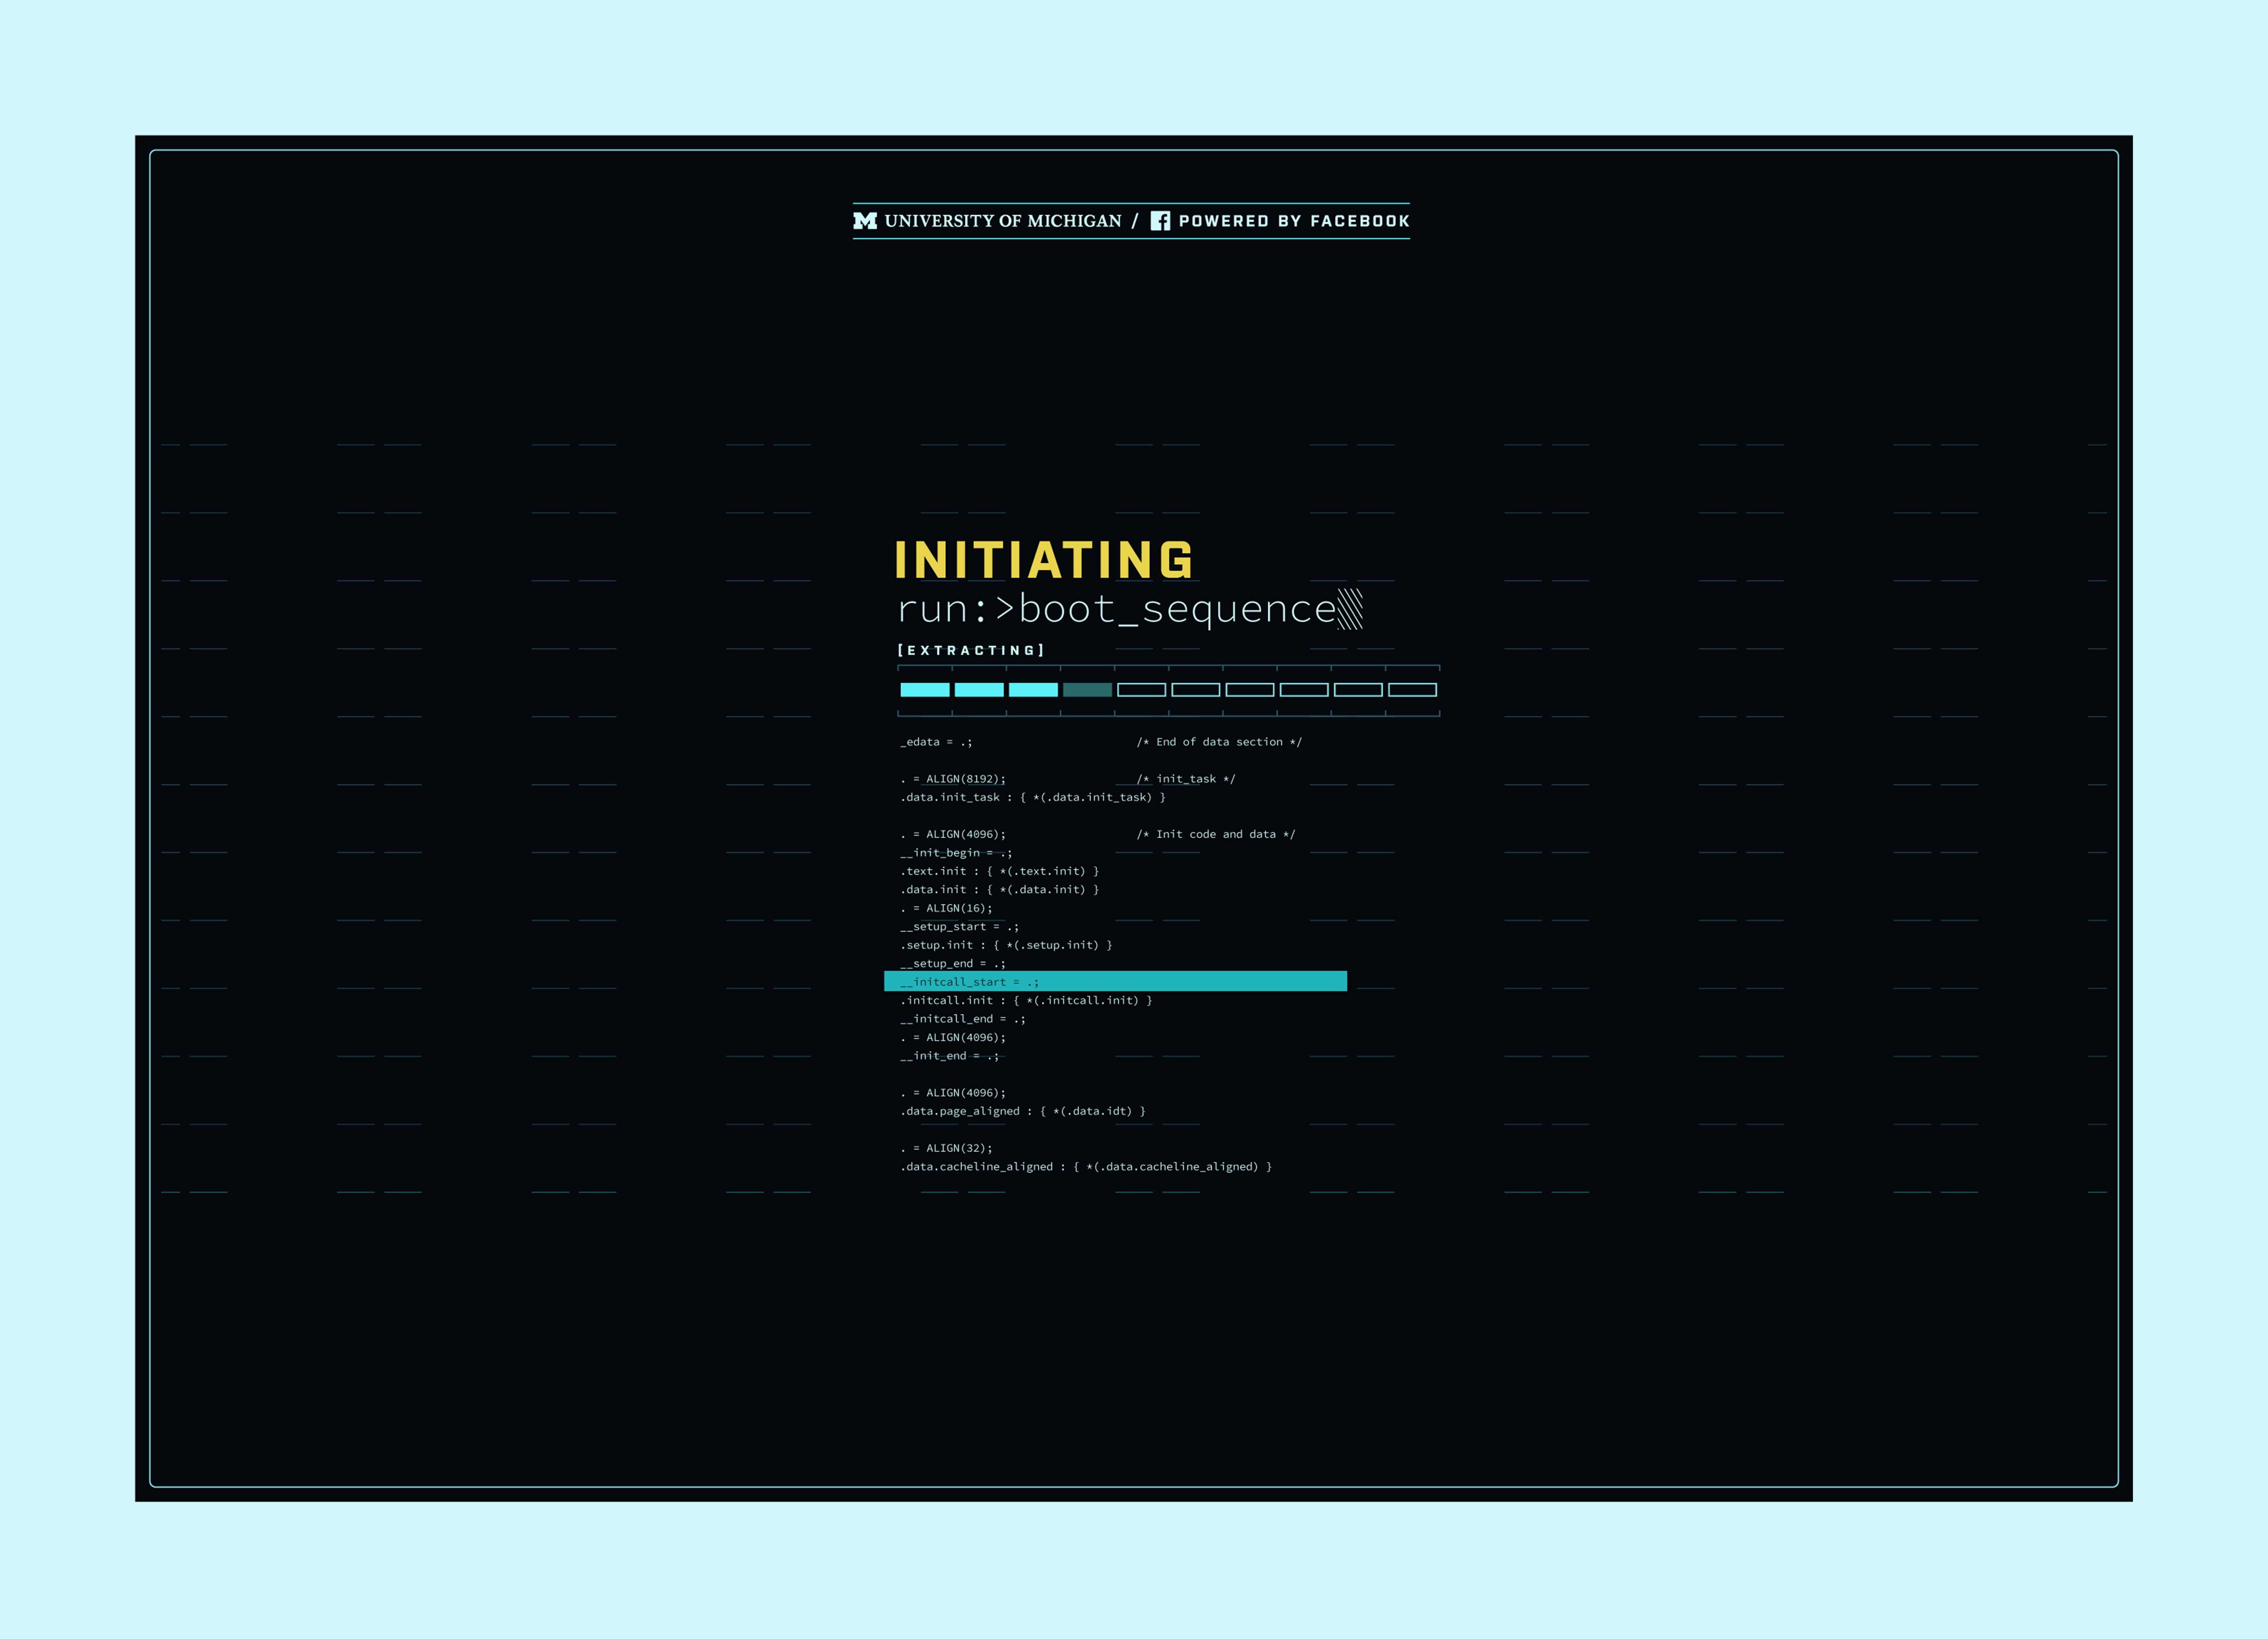 fb_initiating